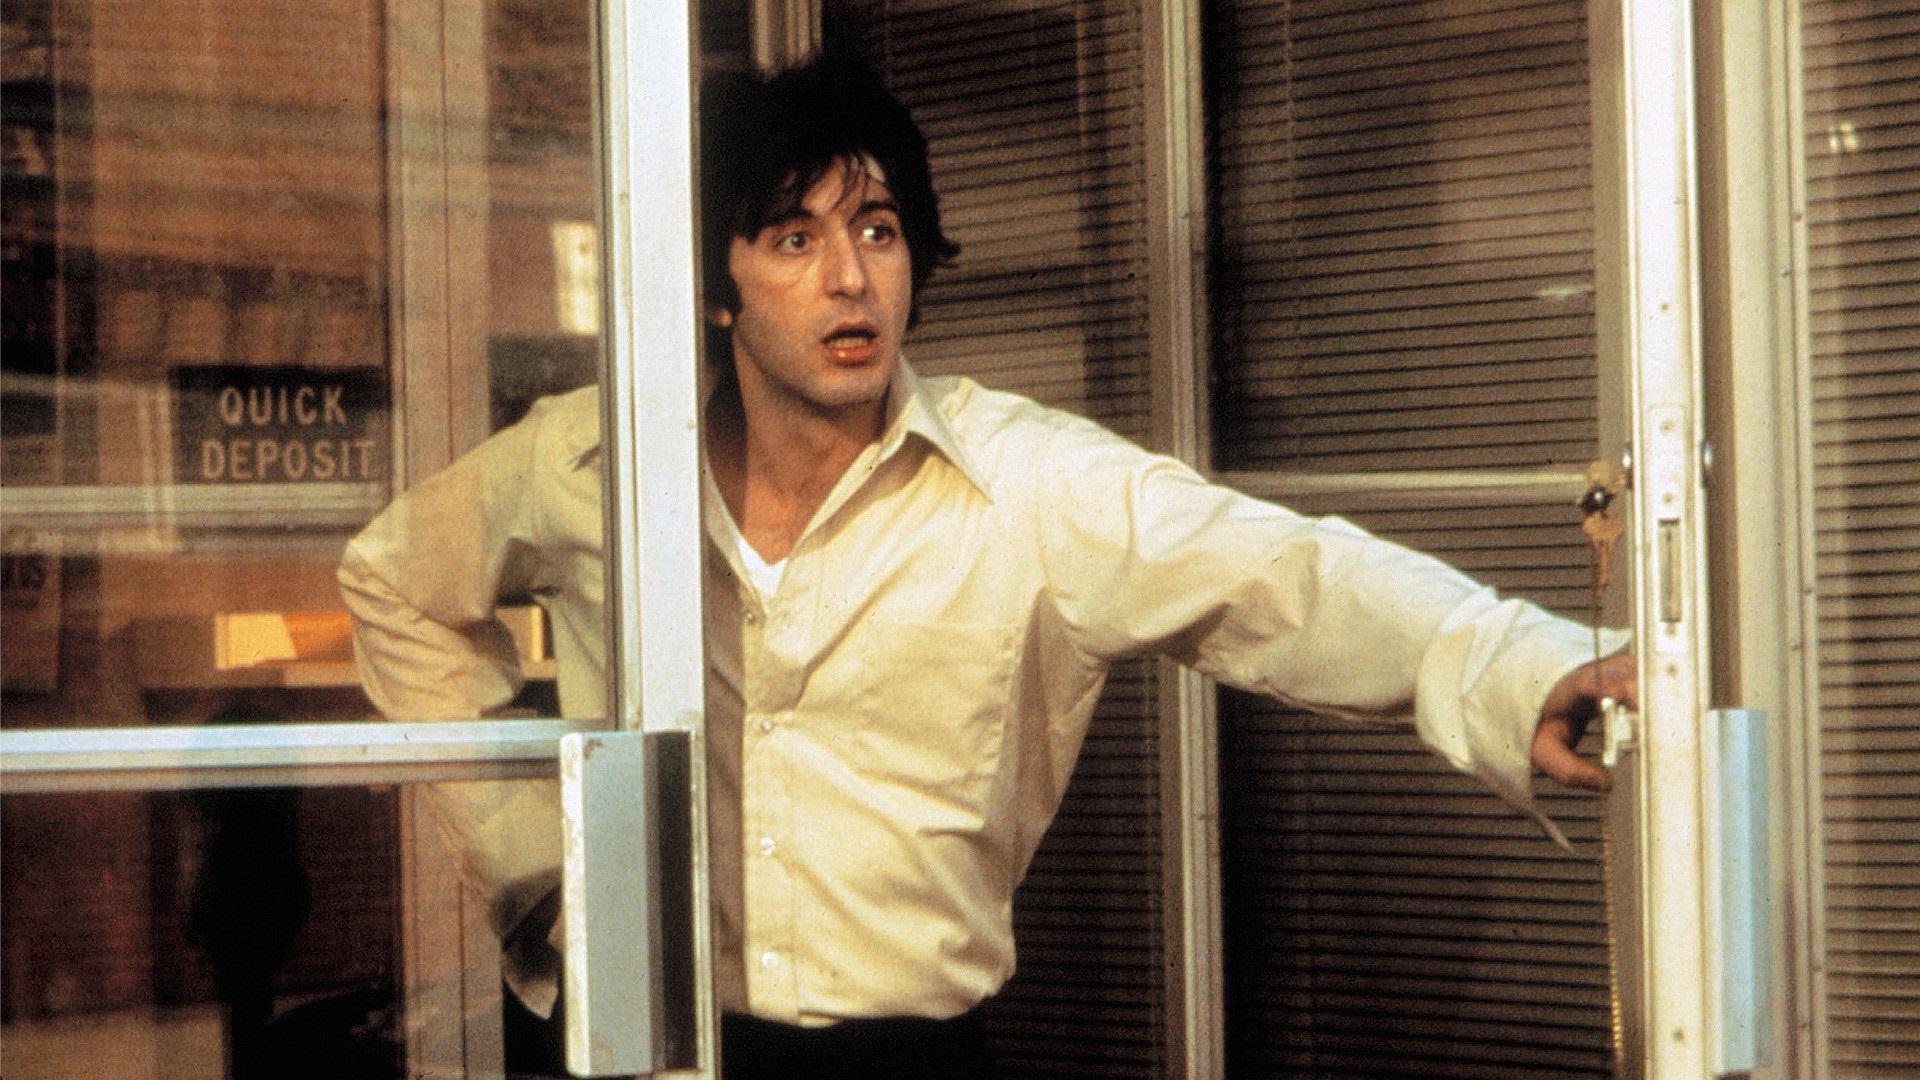 Quel pomeriggio di un giorno da cani - Il film di Sidney Lumet con Al Pacino è ispirato all'articolo di P.F. Kluge pubblicato nel 19...